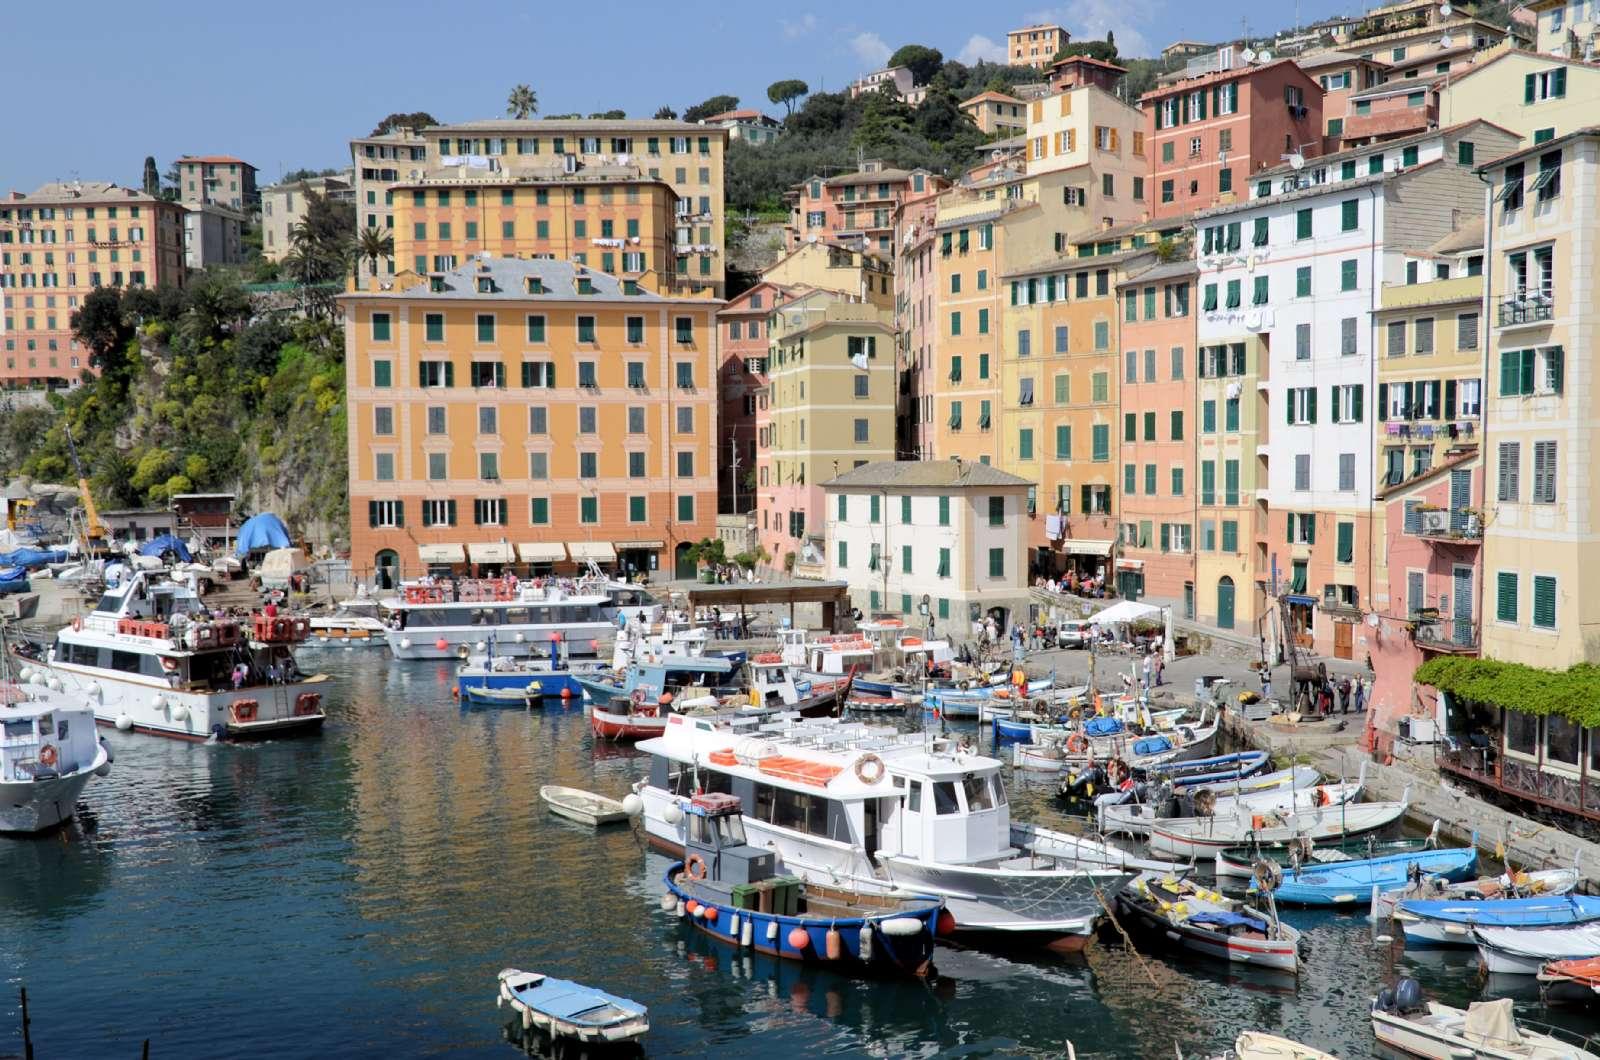 Der kleine Hafen in Camogli